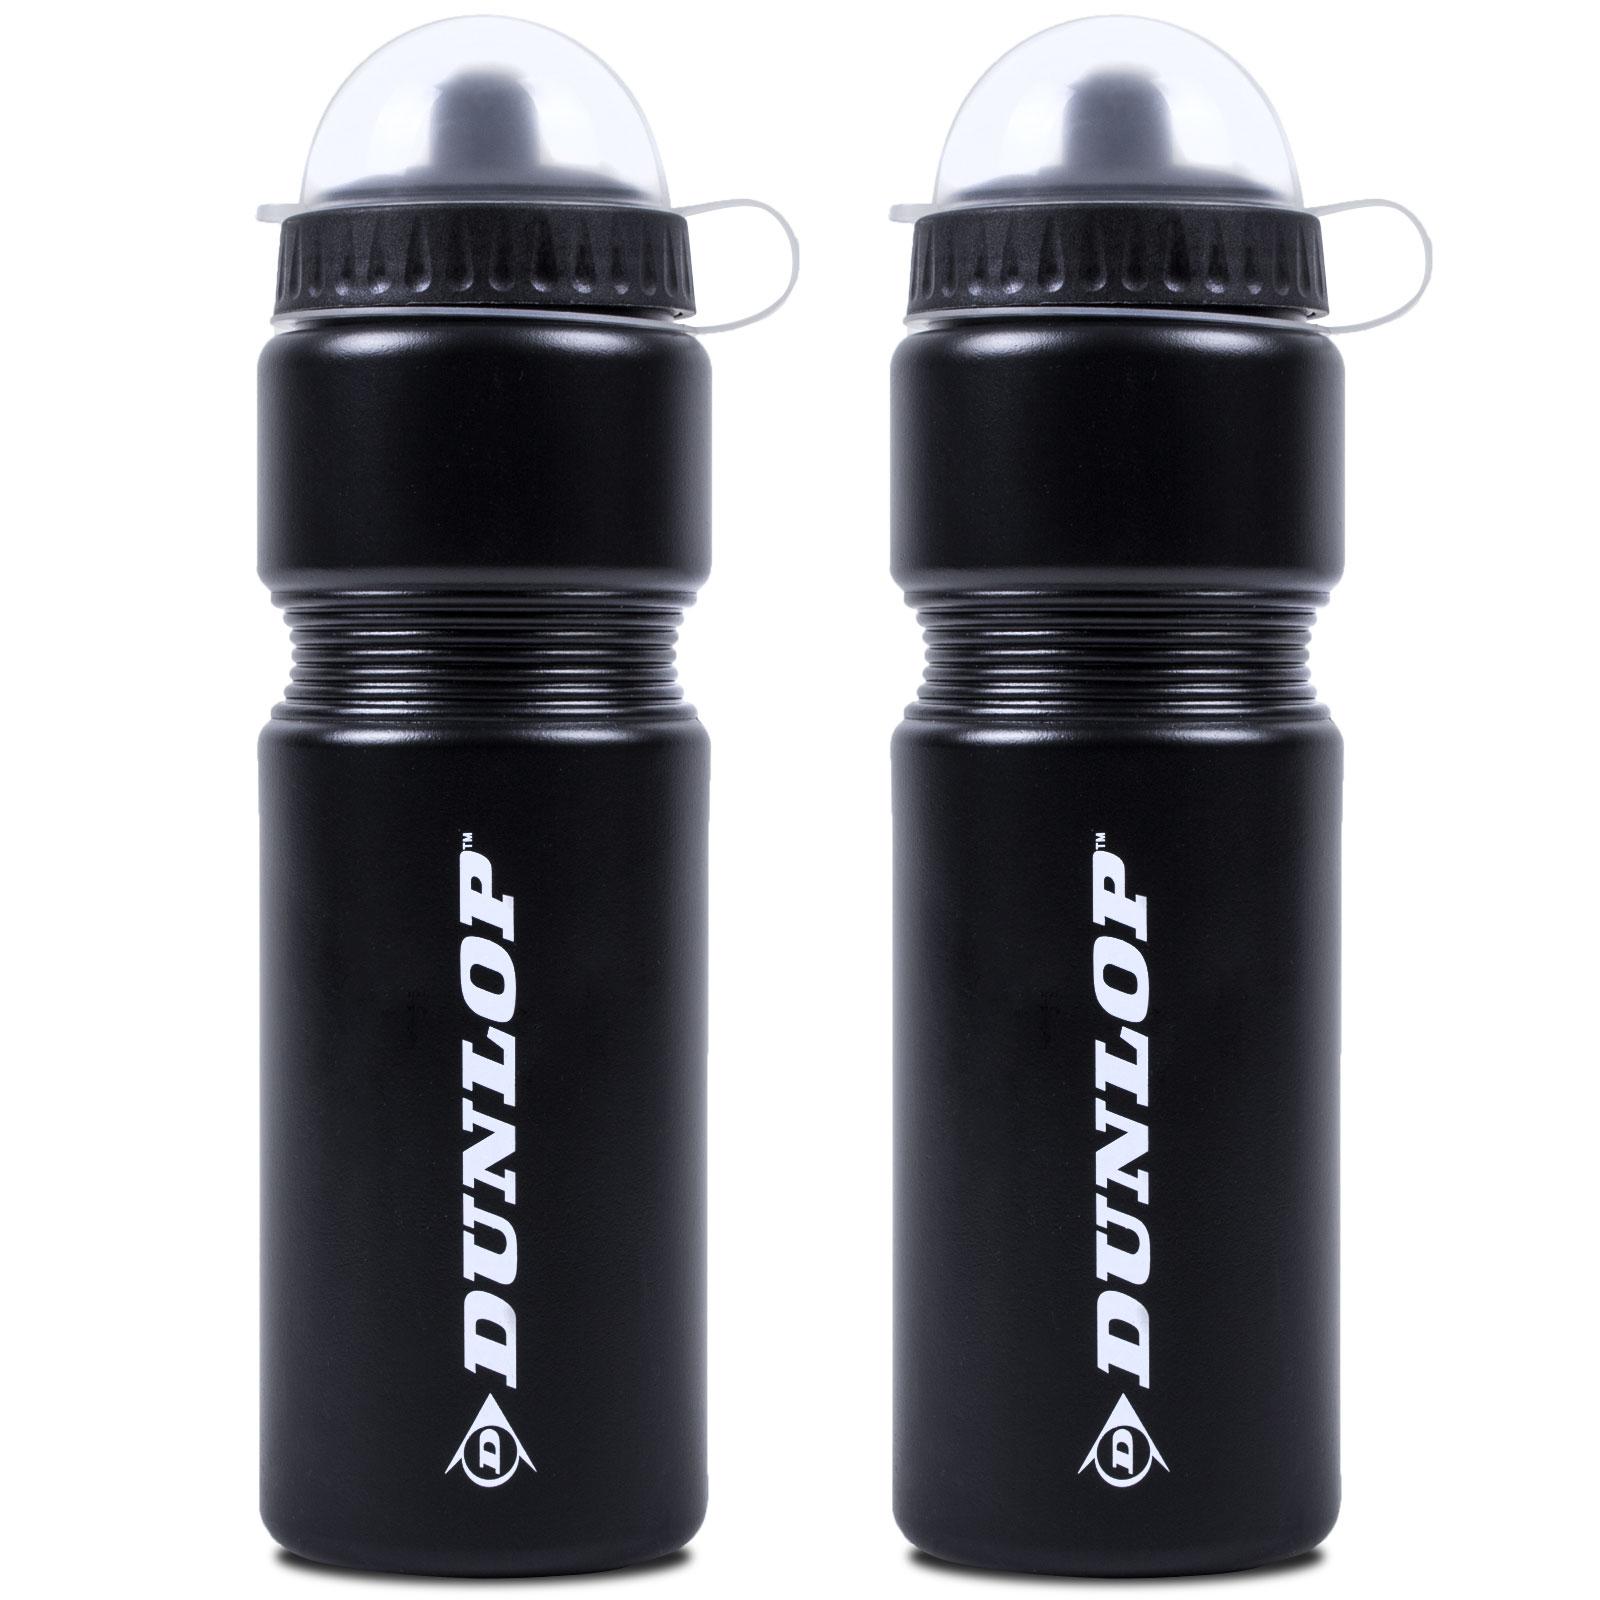 2x Dunlop Trinkflasche 750 ml Kunststoff schwarz mit Flaschenhalter